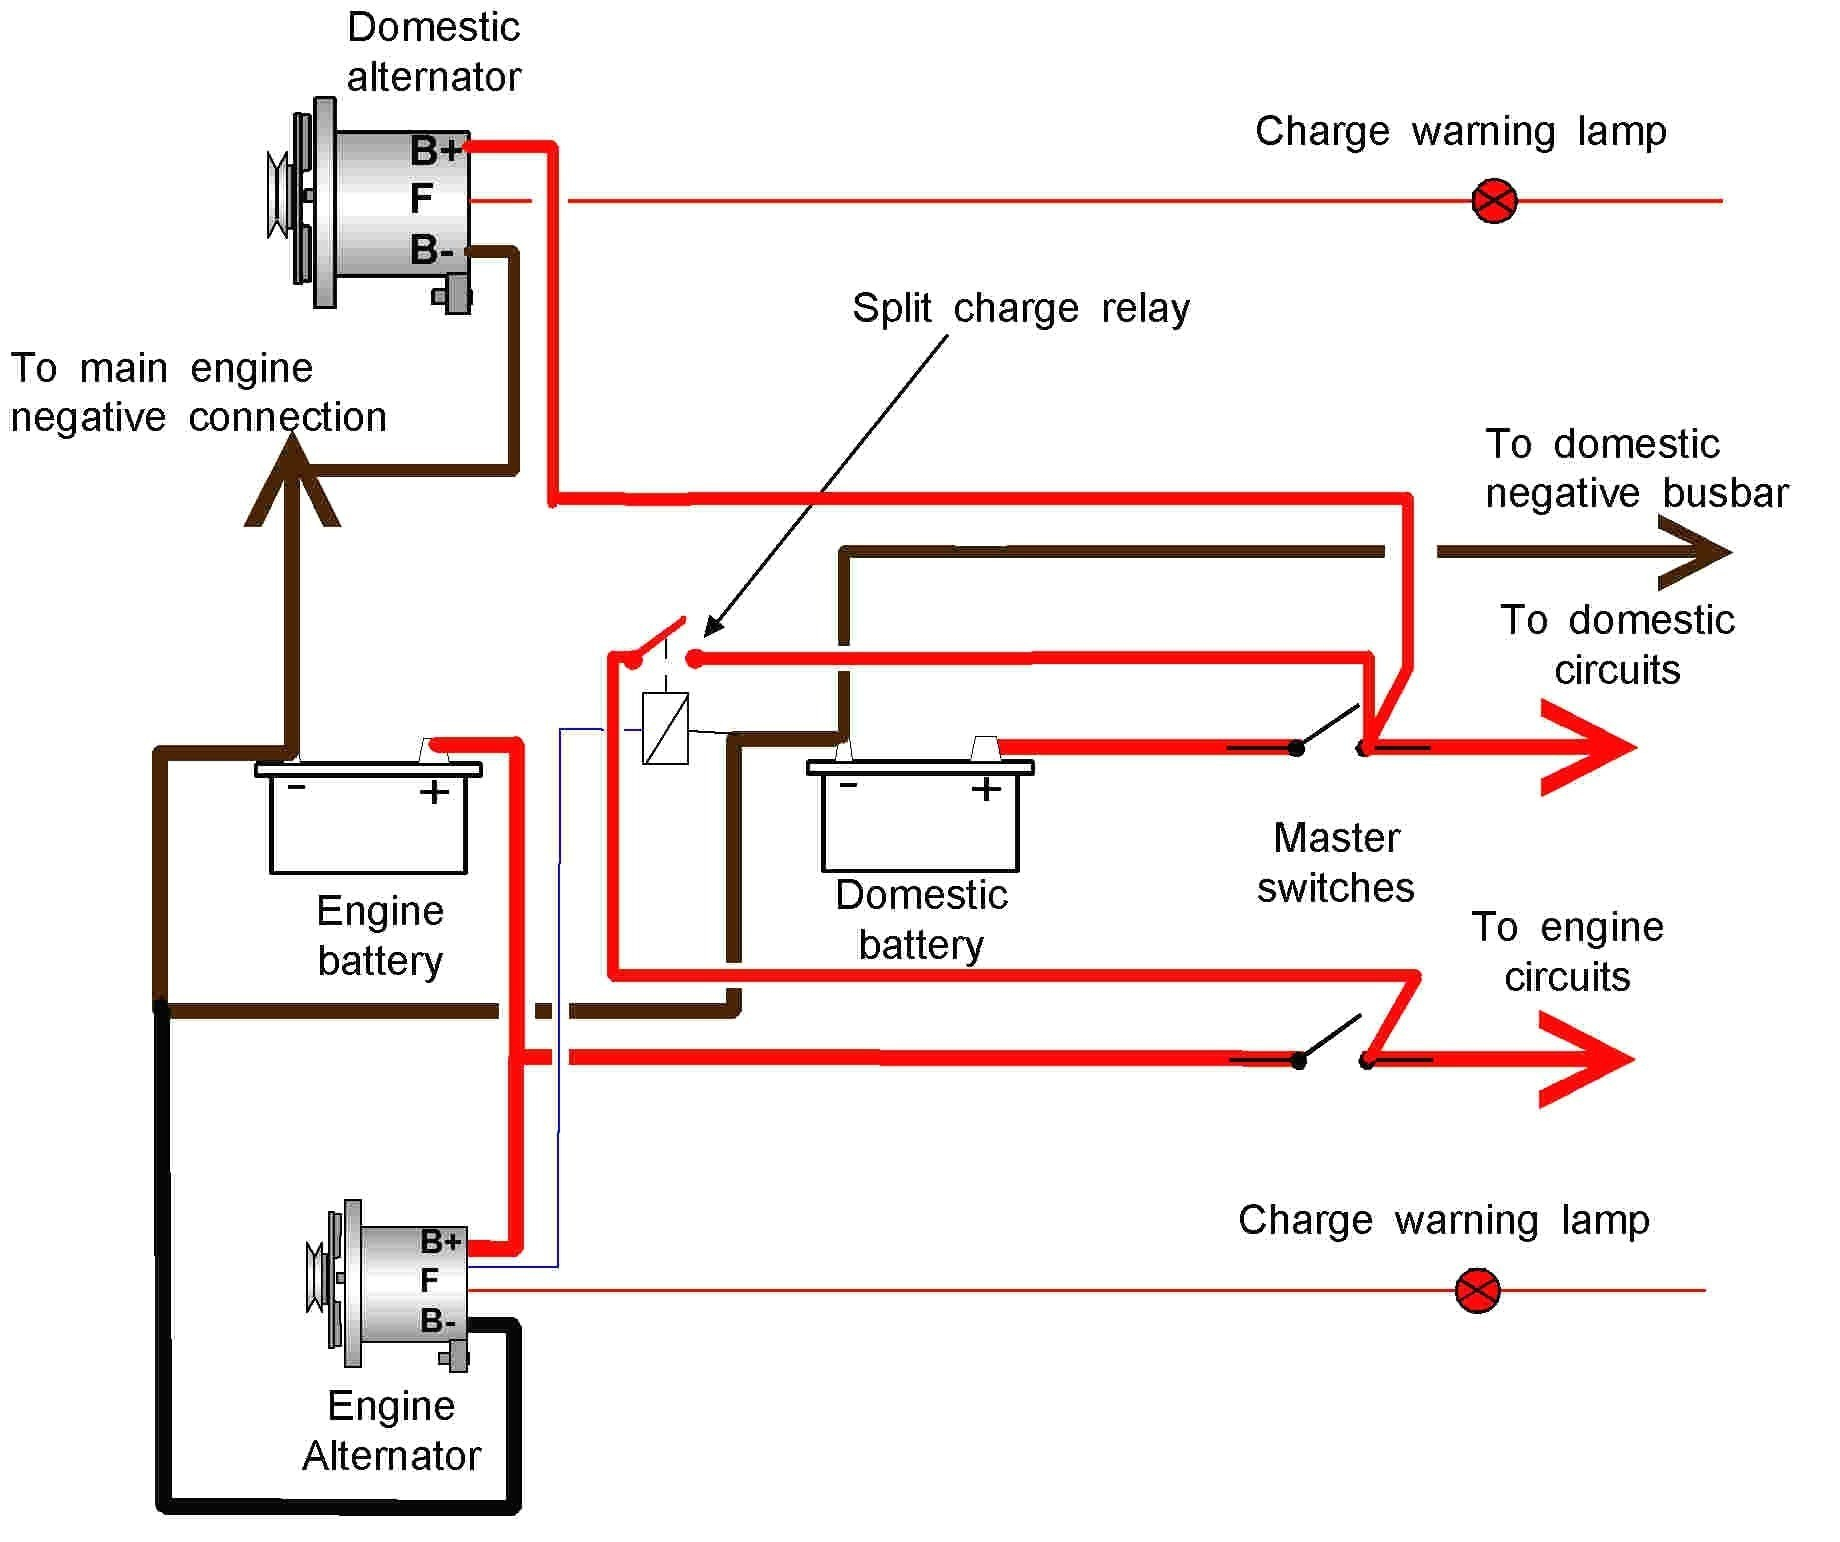 Chevy 3 Wire Alternator Wiring Diagram Data Fine One Ford In - One Wire Alternator Wiring Diagram Chevy